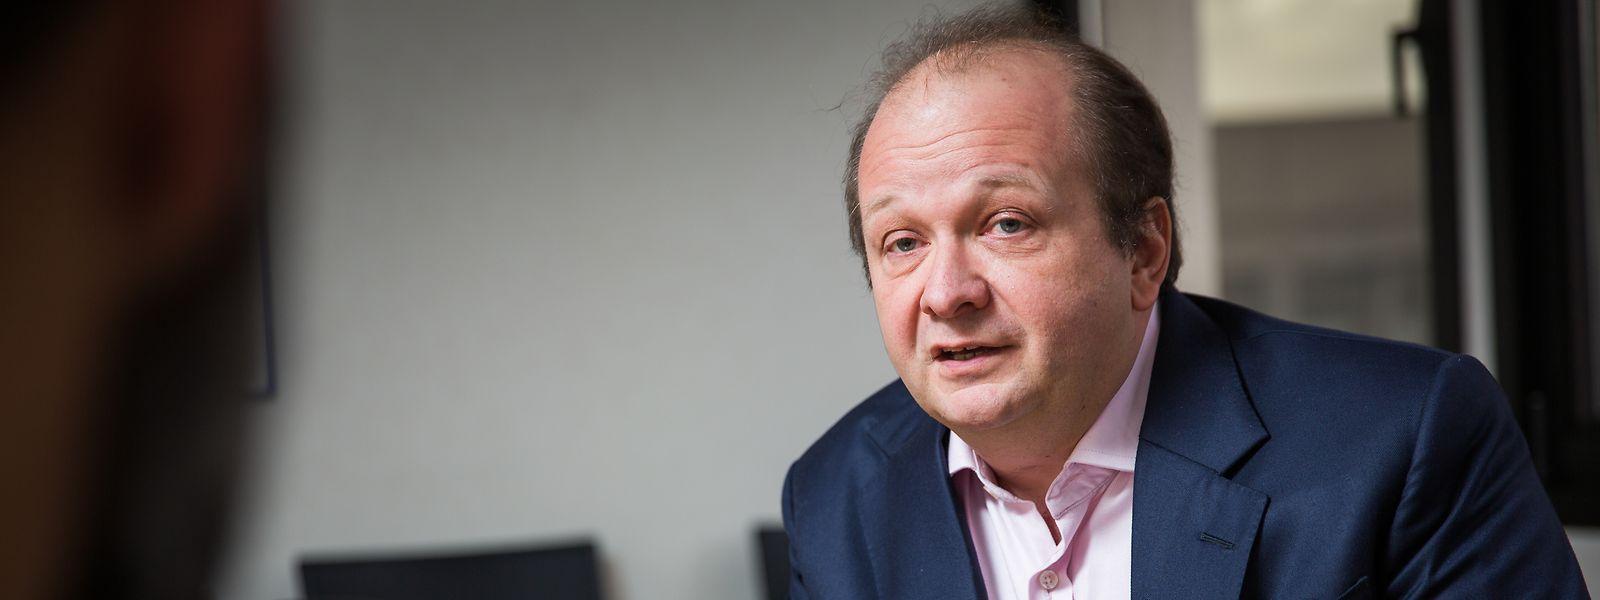 Interpellé fin avril à son domicile français, Frank Schneider saura ce jeudi soir s'il pourra quitter la prison de Nancy en attendant la décision sur une éventuelle extradition vers les Etats-Unis, fixée au 18 novembre prochain.